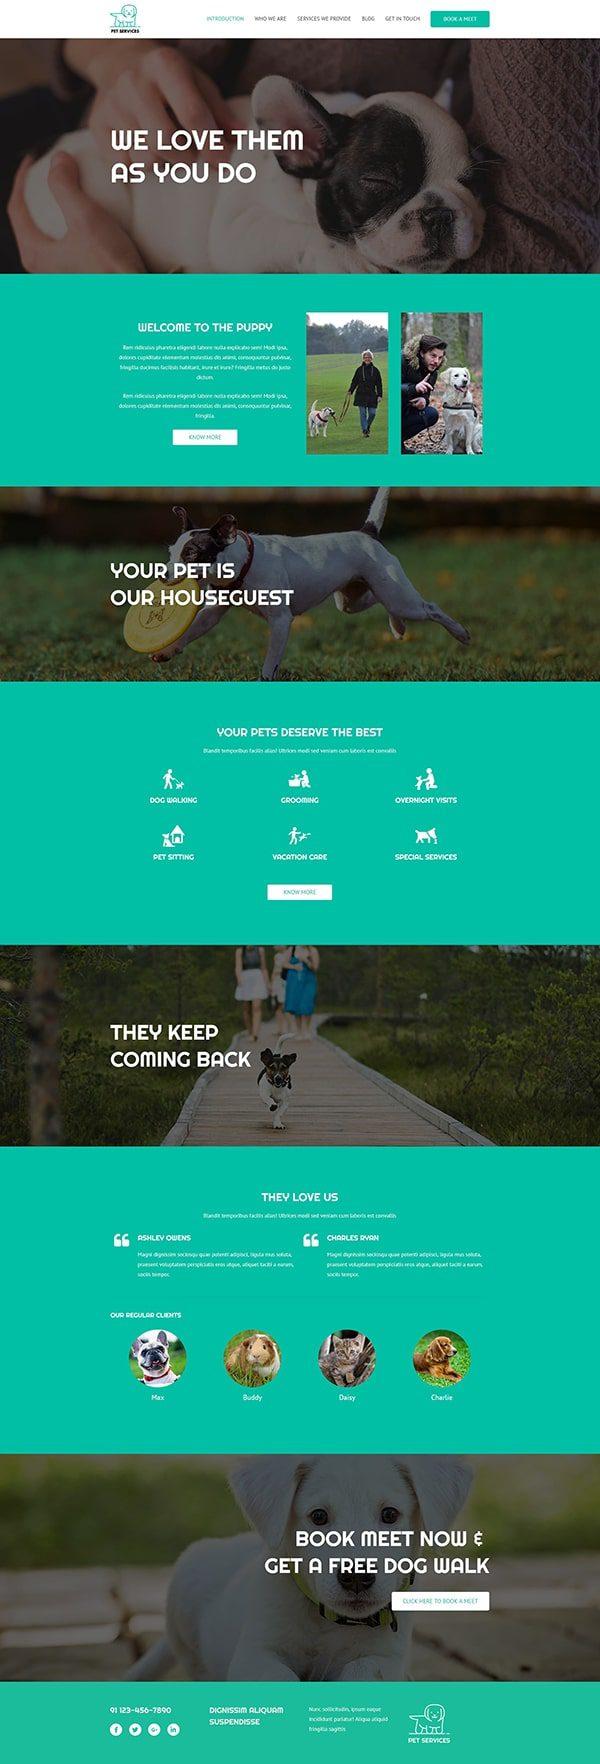 Готовый сайт. Услуги для животных